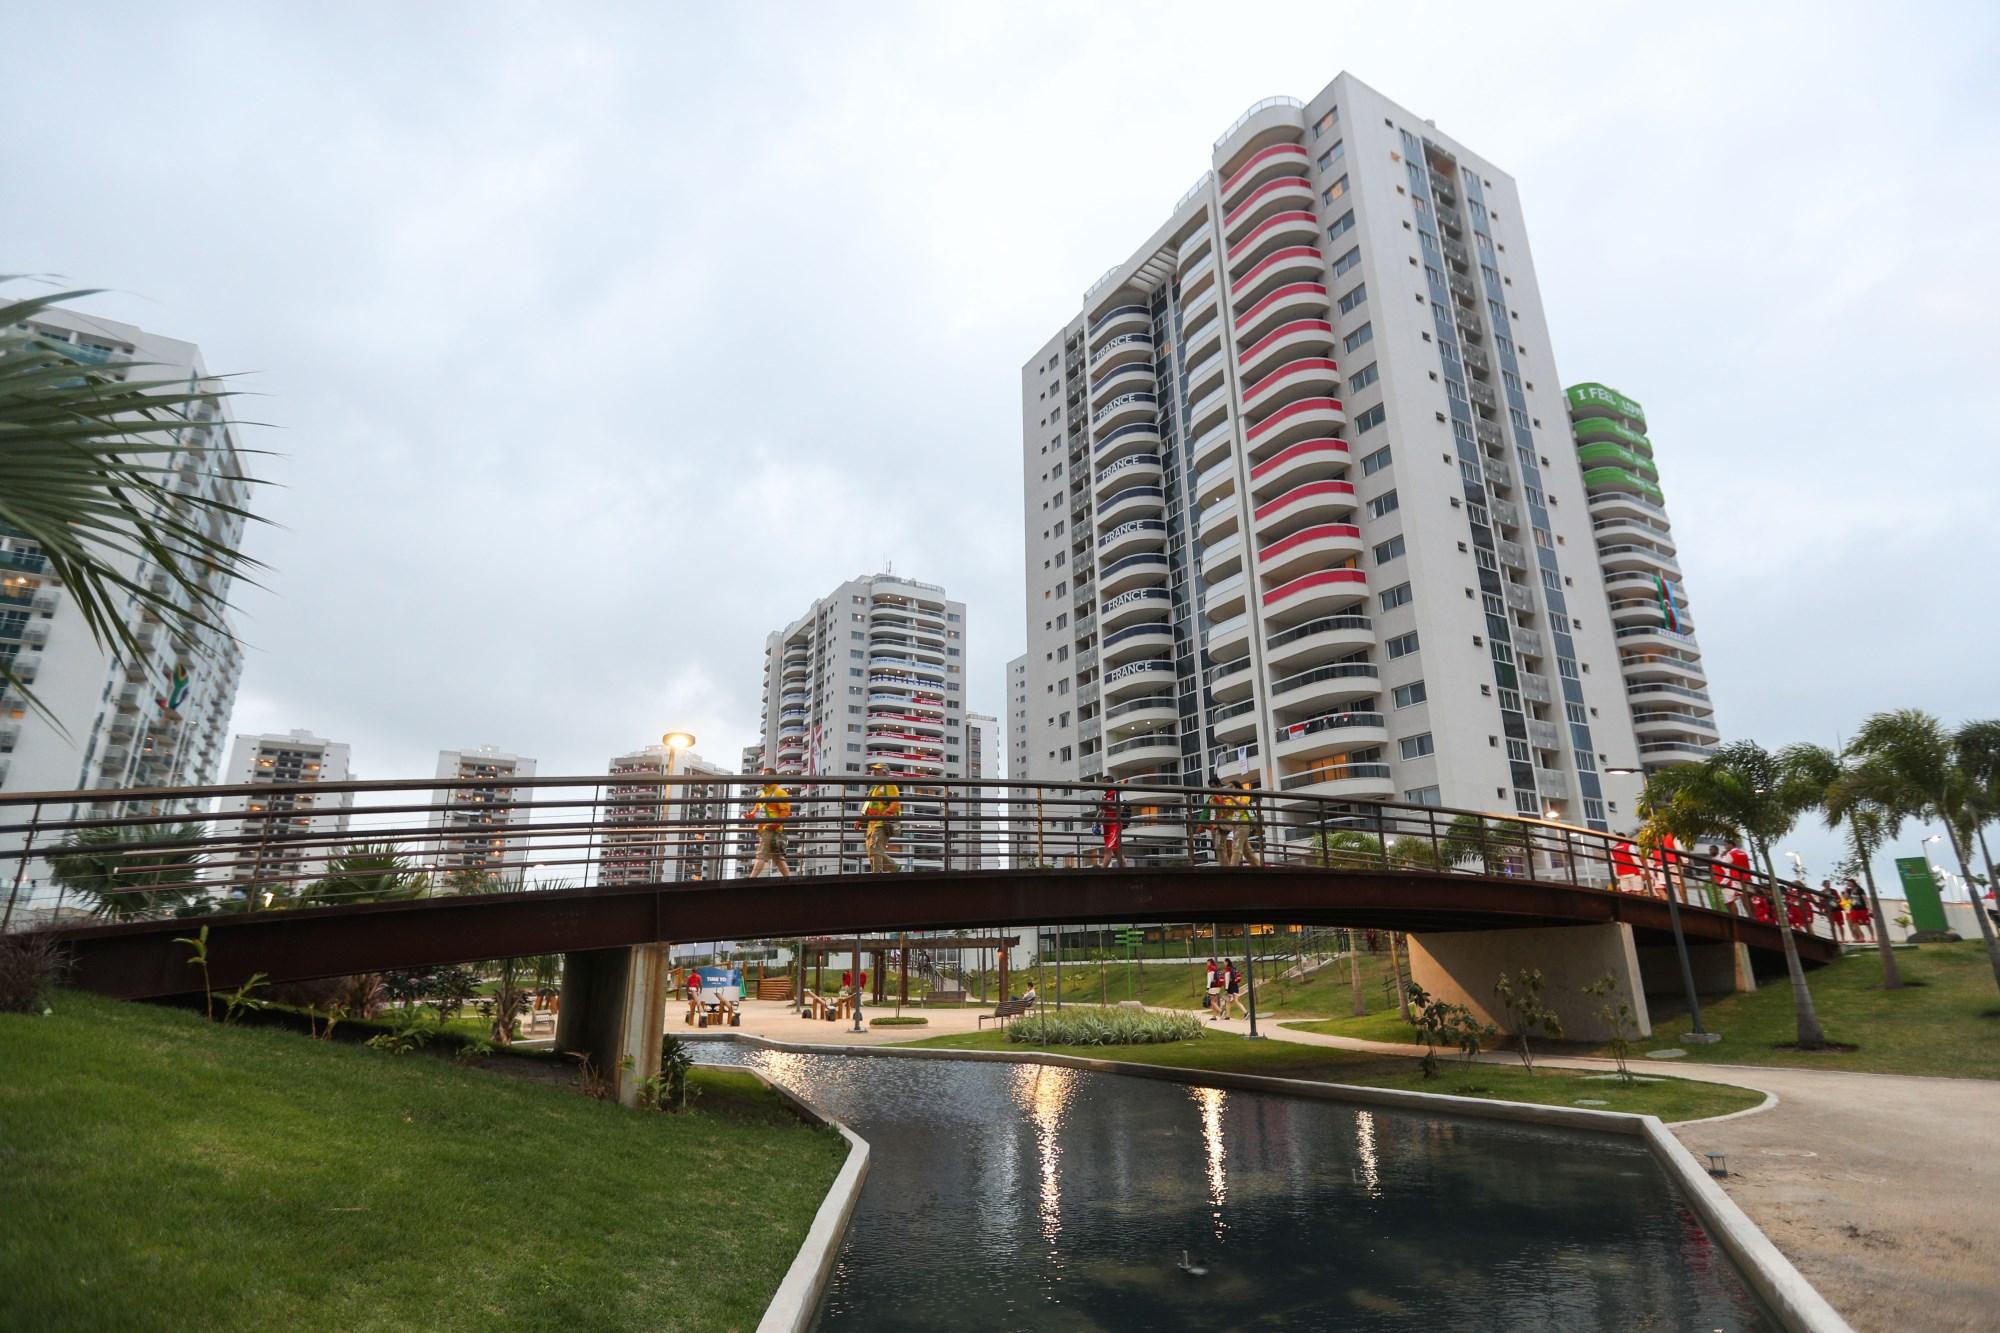 这是8月2日拍摄的里约奥运村。新华社记者郑焕松摄。